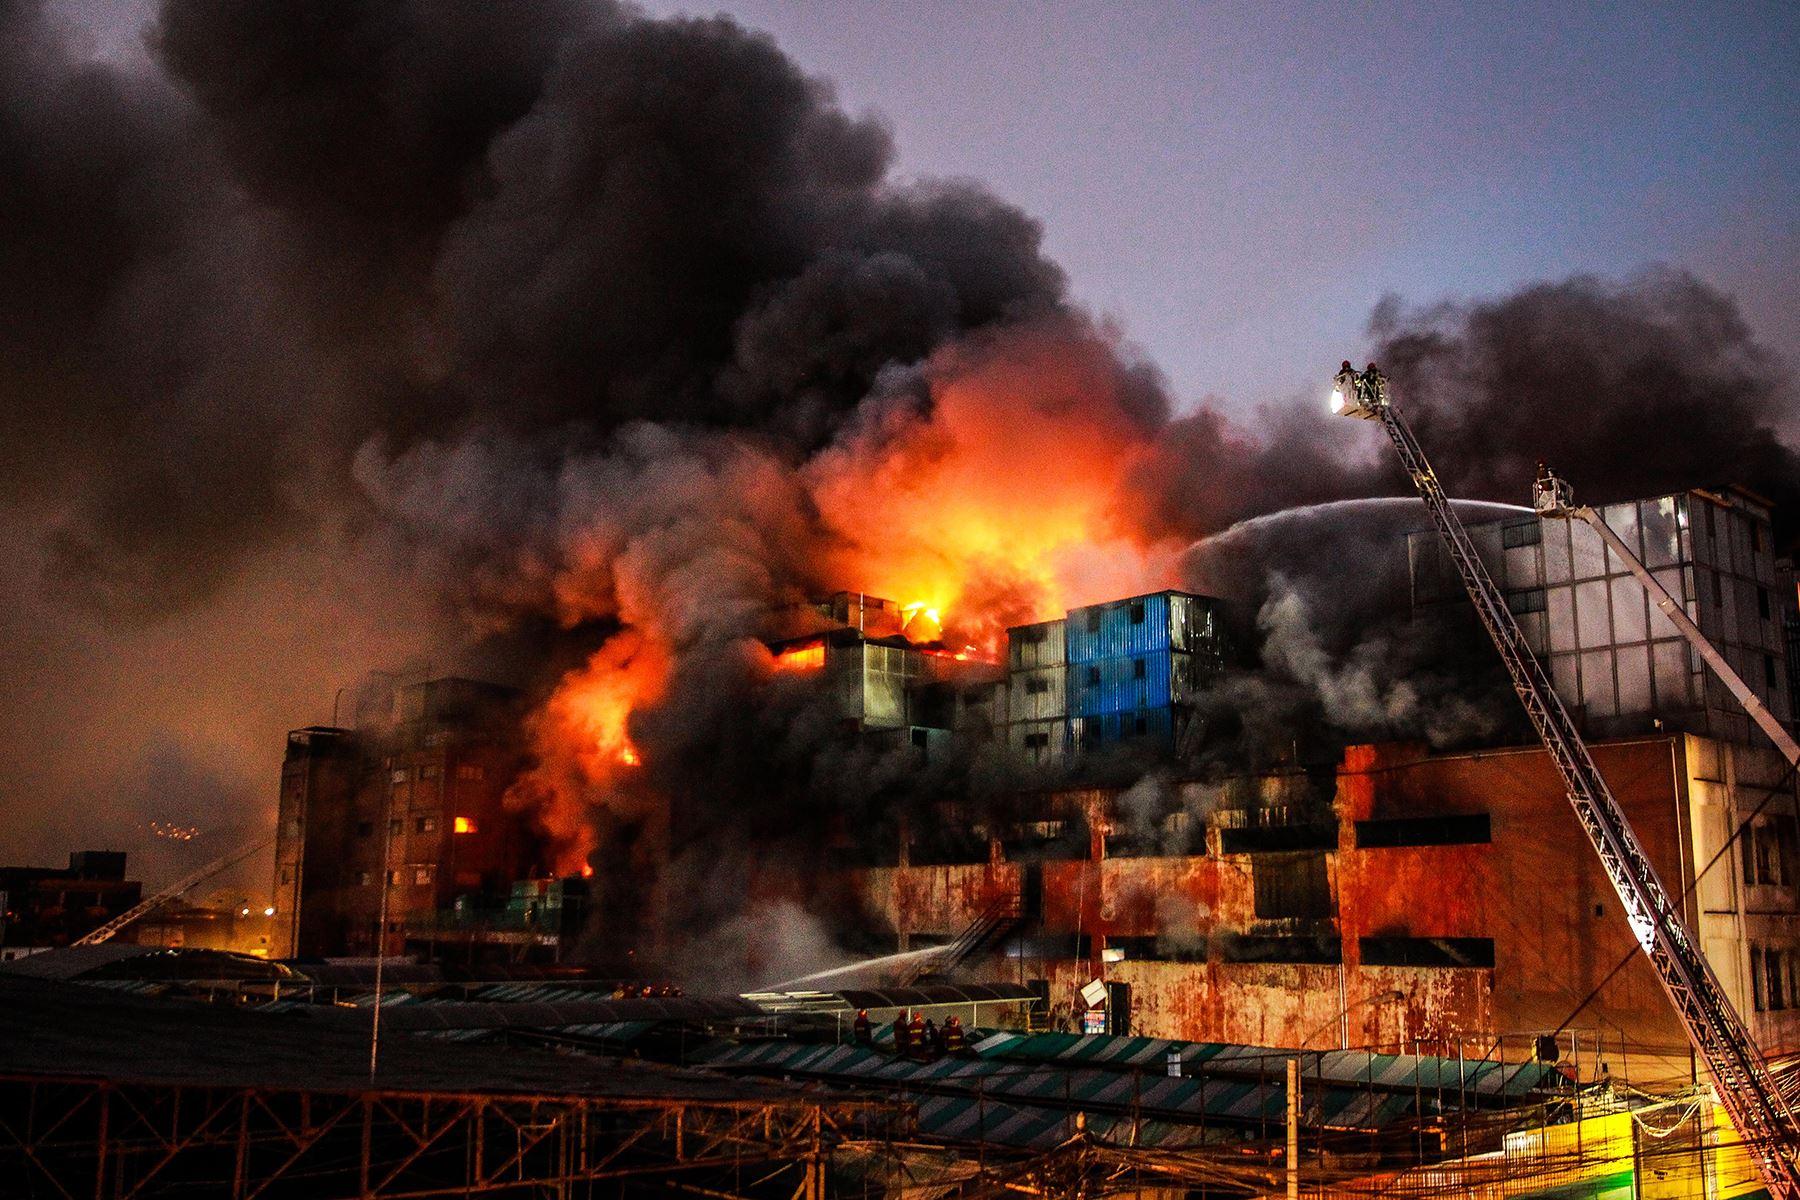 Lima - 22 junio 2017 / Incendio de grandes proporciones en la galería Nicolini ubicado en la zona comercial Las Malvinas, en el Cercado de Lima.  Foto: Andina / Luis Iparraguirre